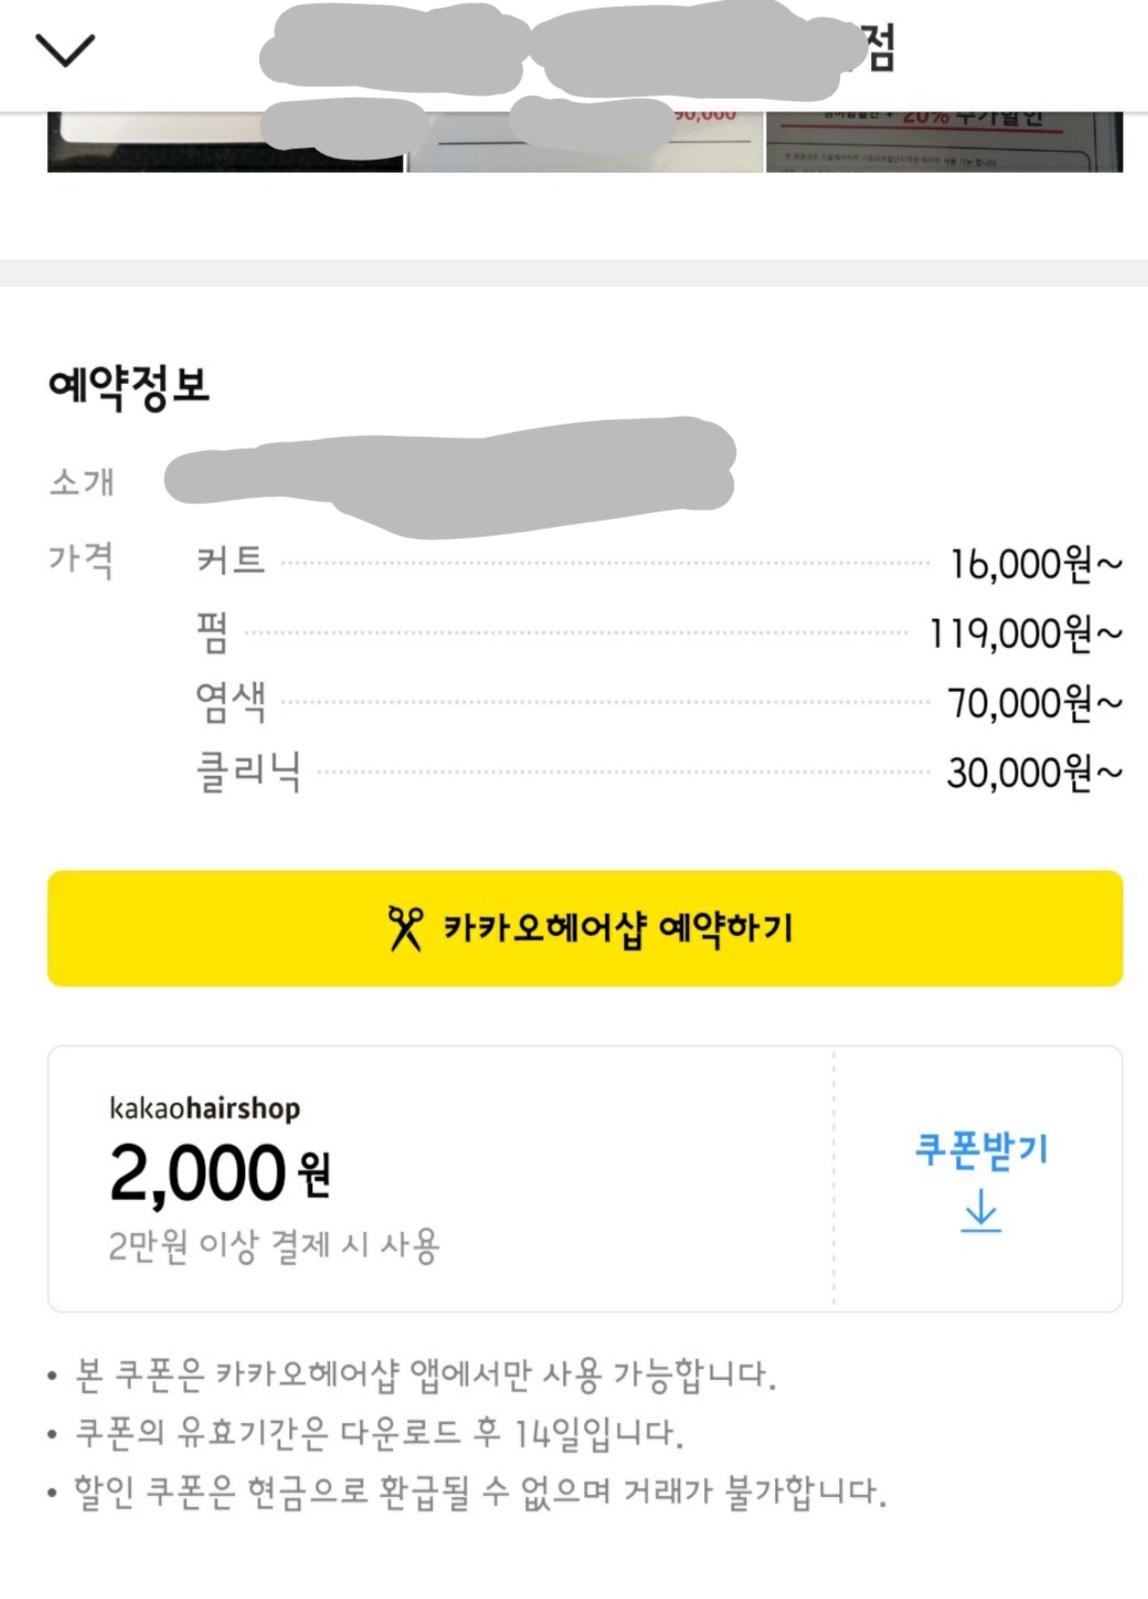 카카오헤어샵앱 예약시 4천원 할인 받는 방법 (2만원 이상 결제시)